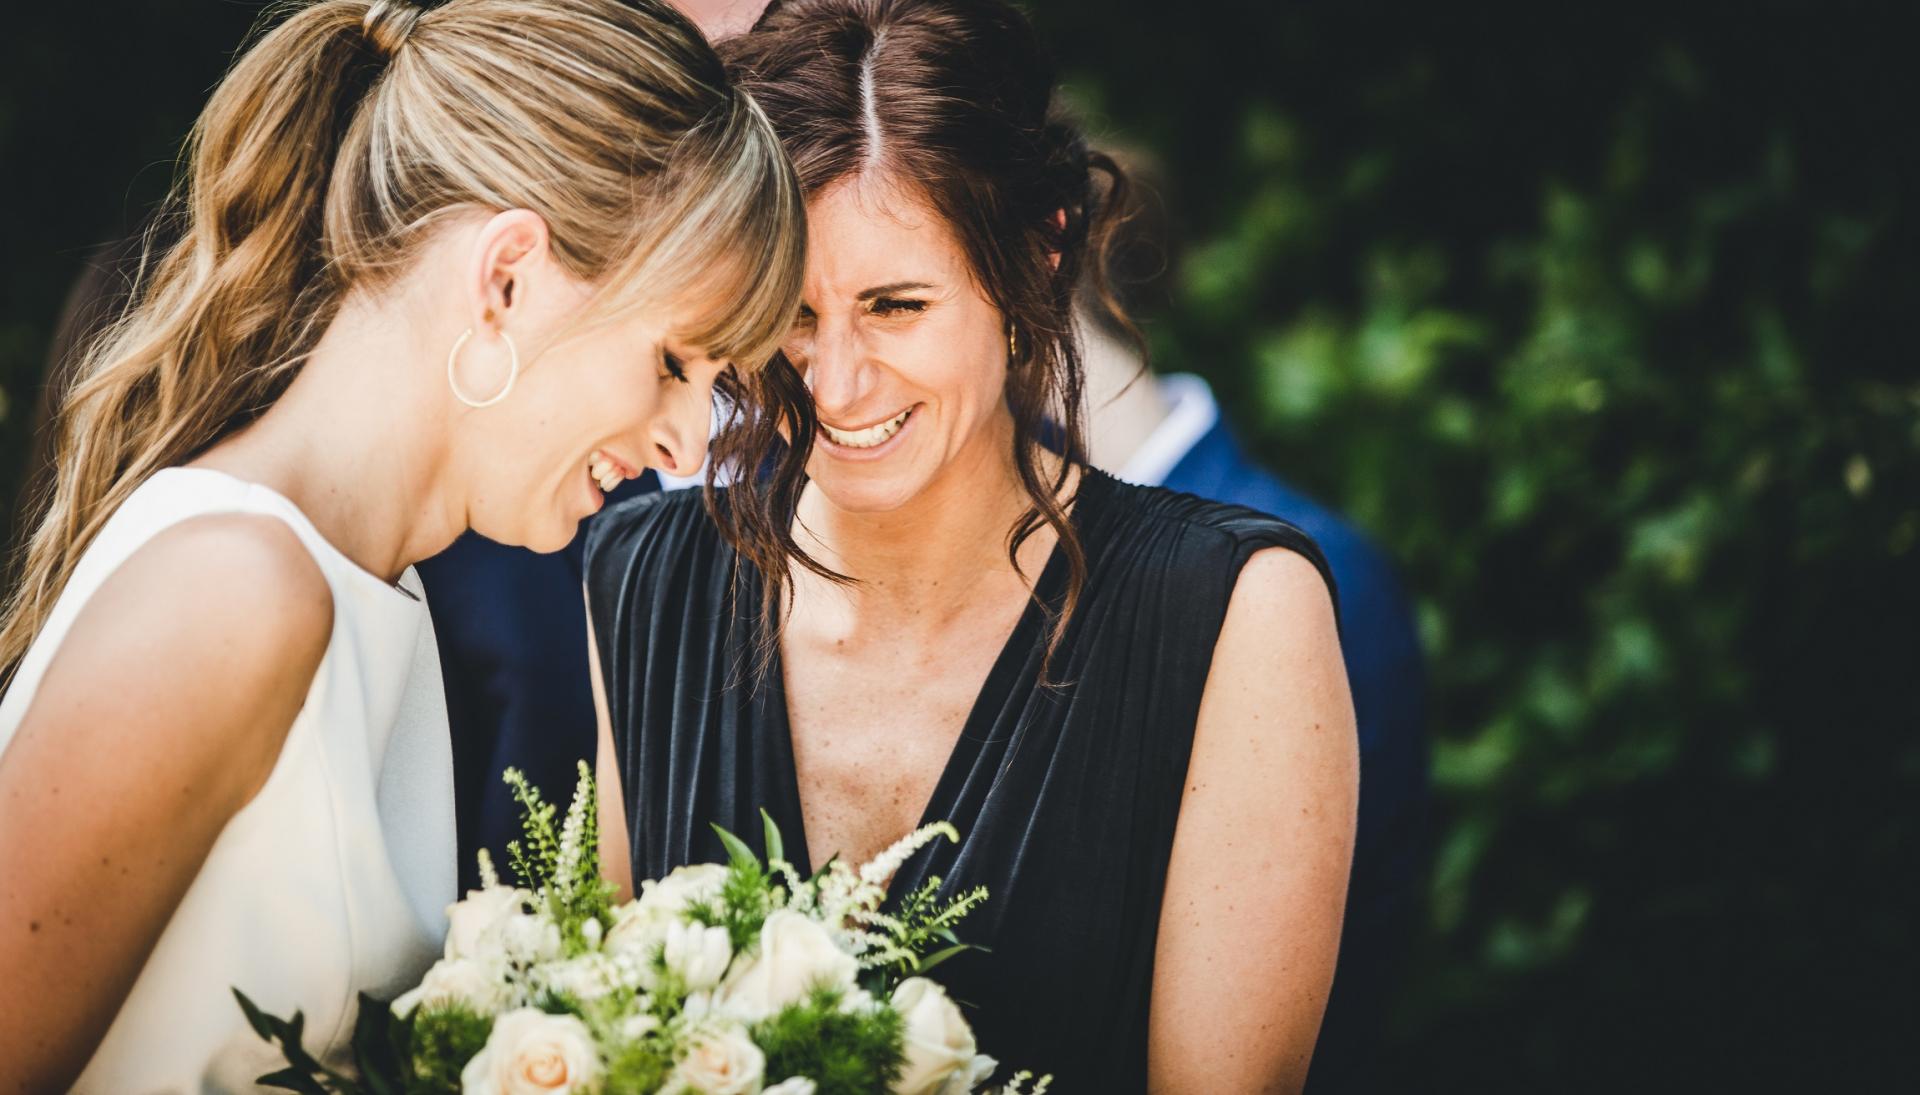 Italië Buiten schaking bruids afbeelding | Na de ceremonie komt de zus van de bruid naar haar toe om haar te feliciteren